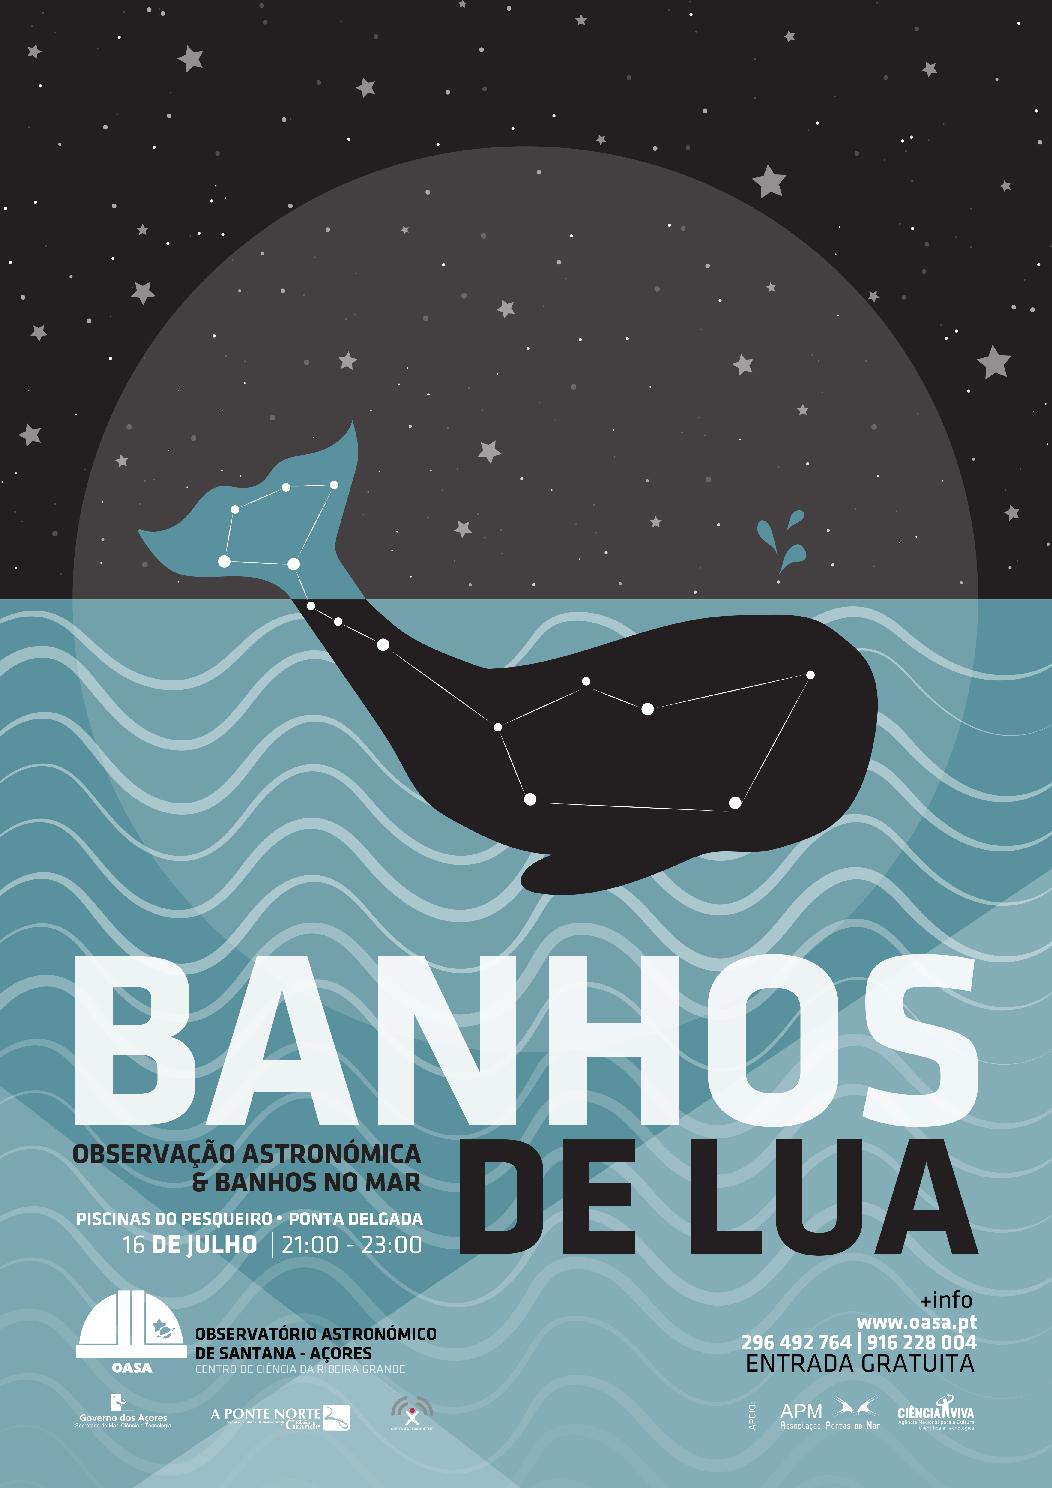 Banhos de Lua | Piscinas do Pesqueiro | Ponta Delgada